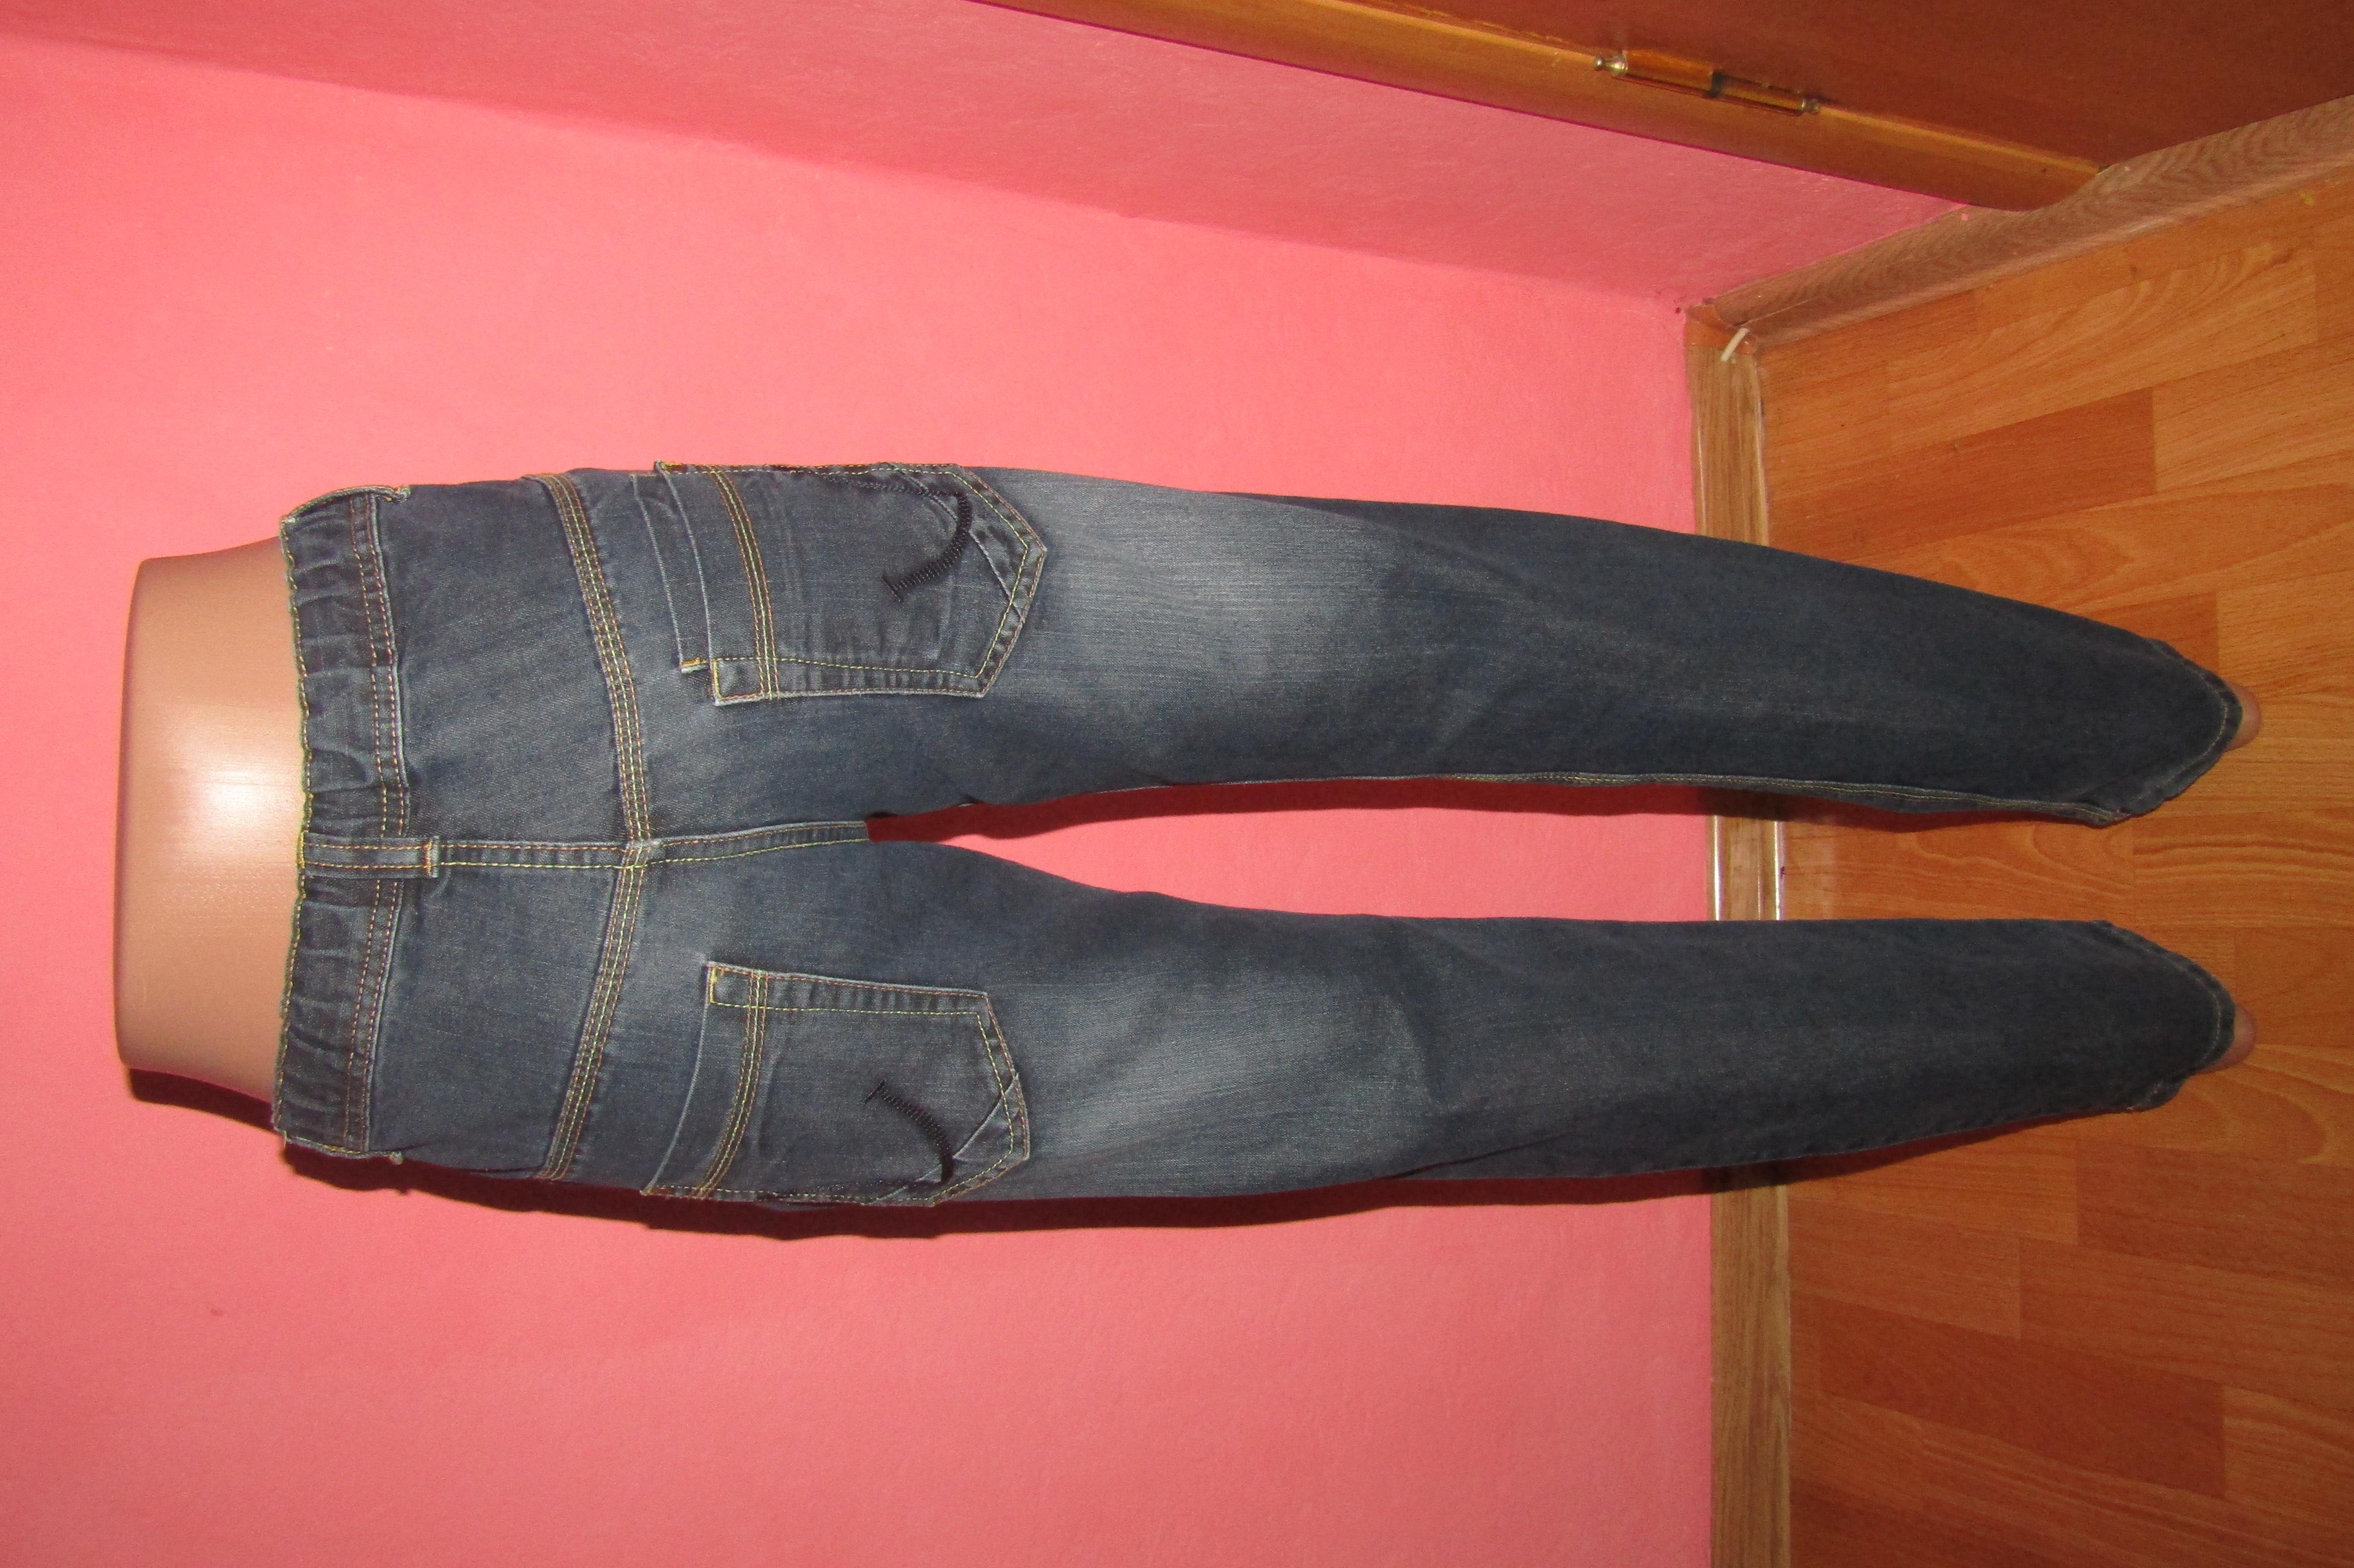 джинсы подросток  Arrested